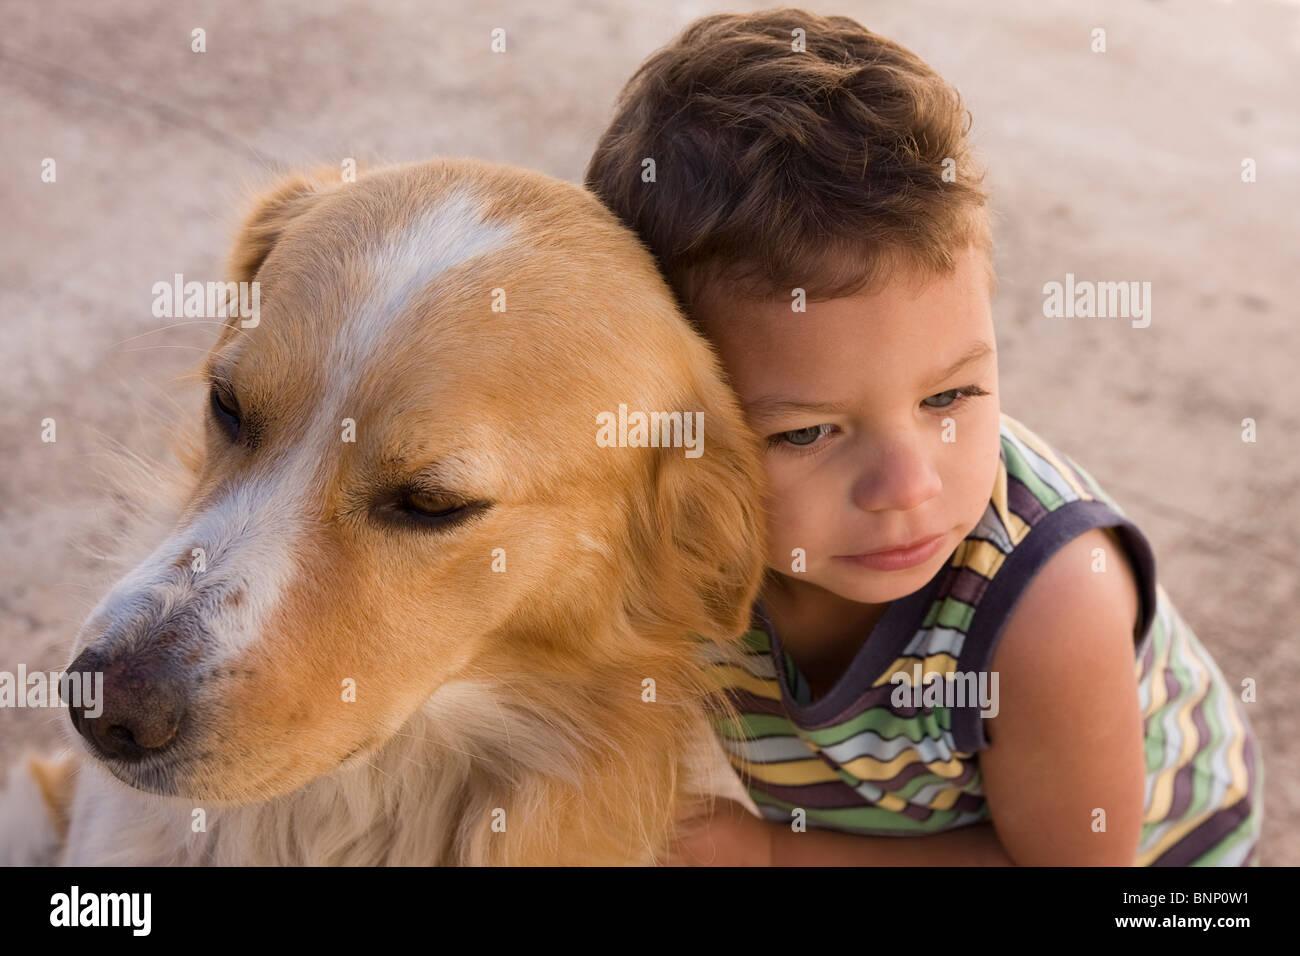 toddler boy cuddling brown and white pet dog - Stock Image